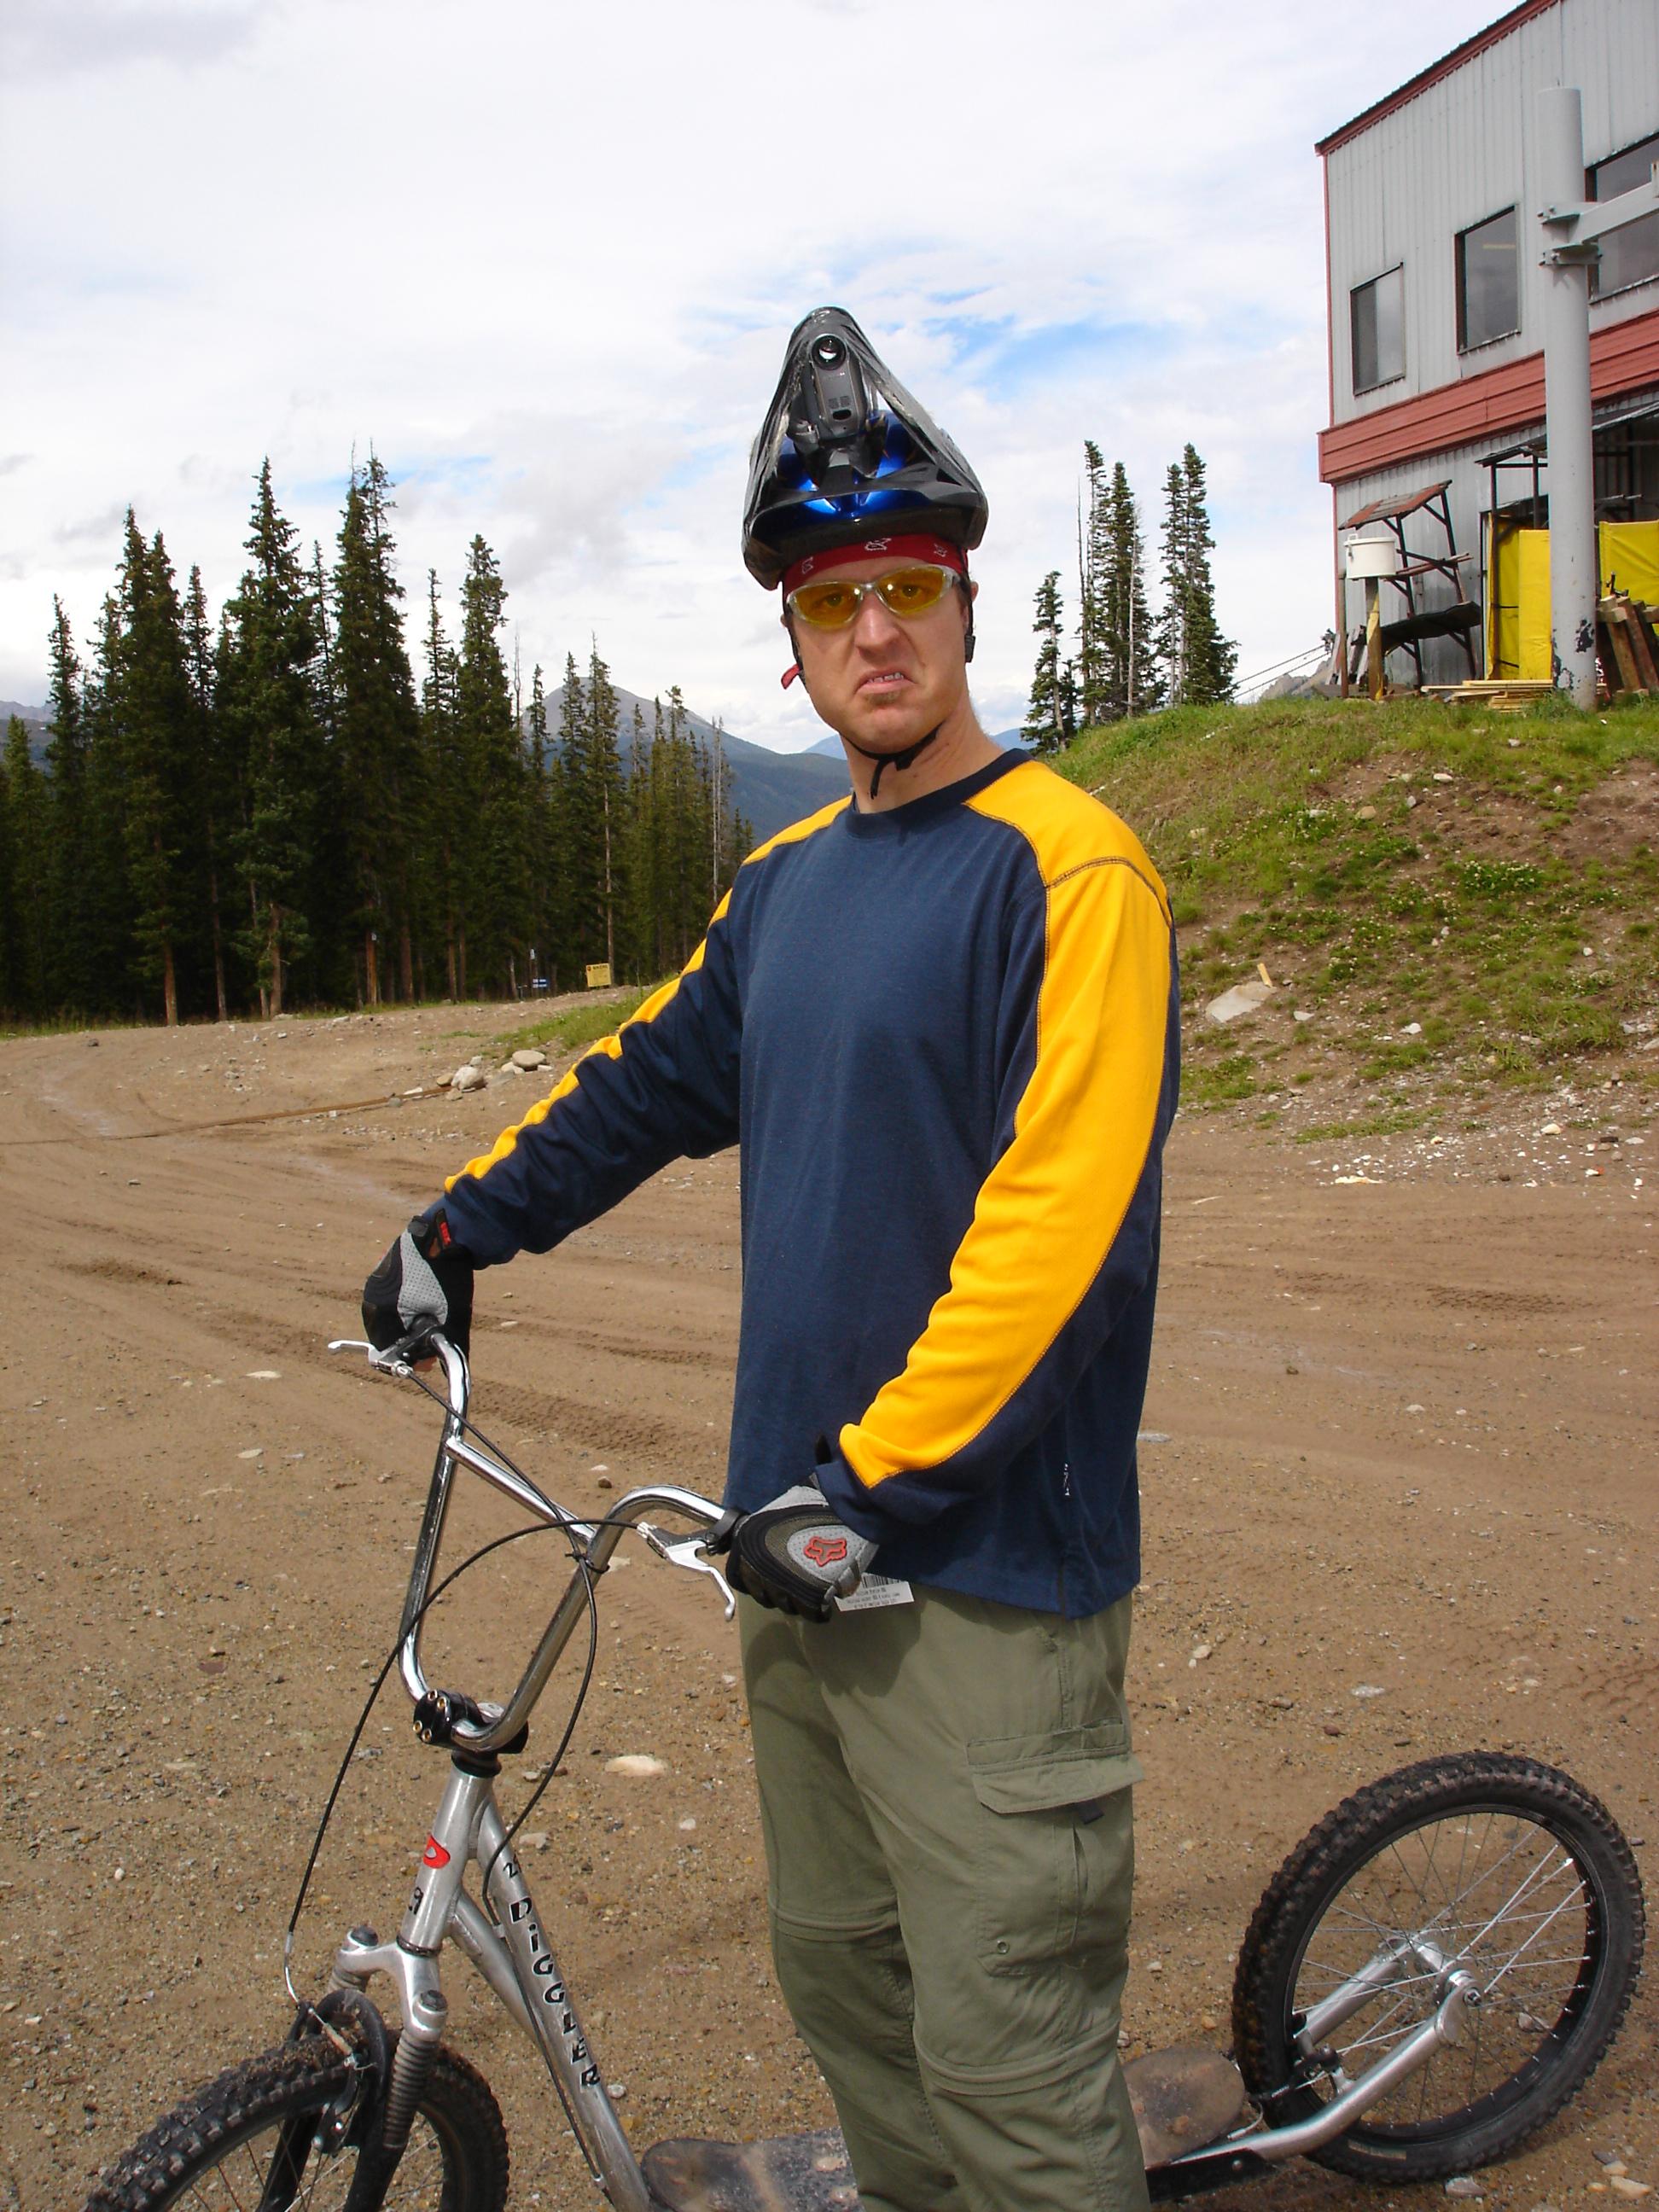 Diggler w/Helmet Cam